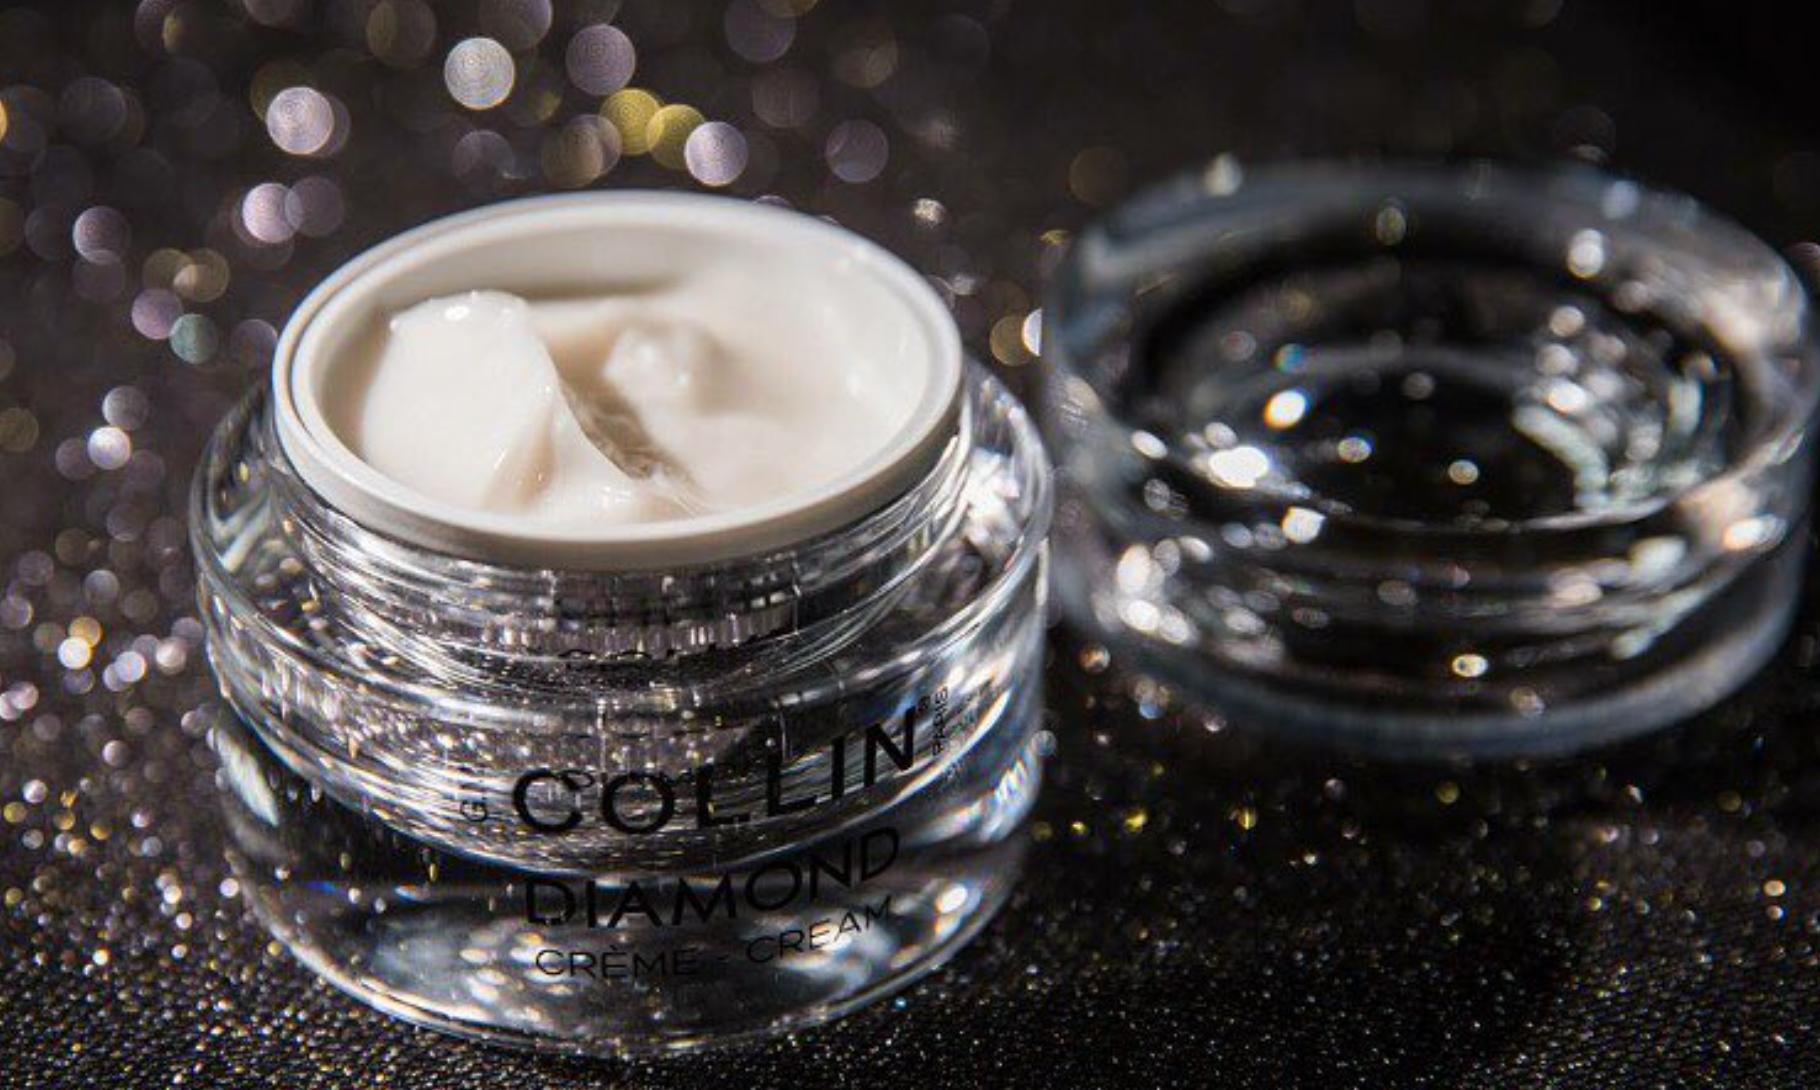 gmcollin-diamond-cream-cws.jpg